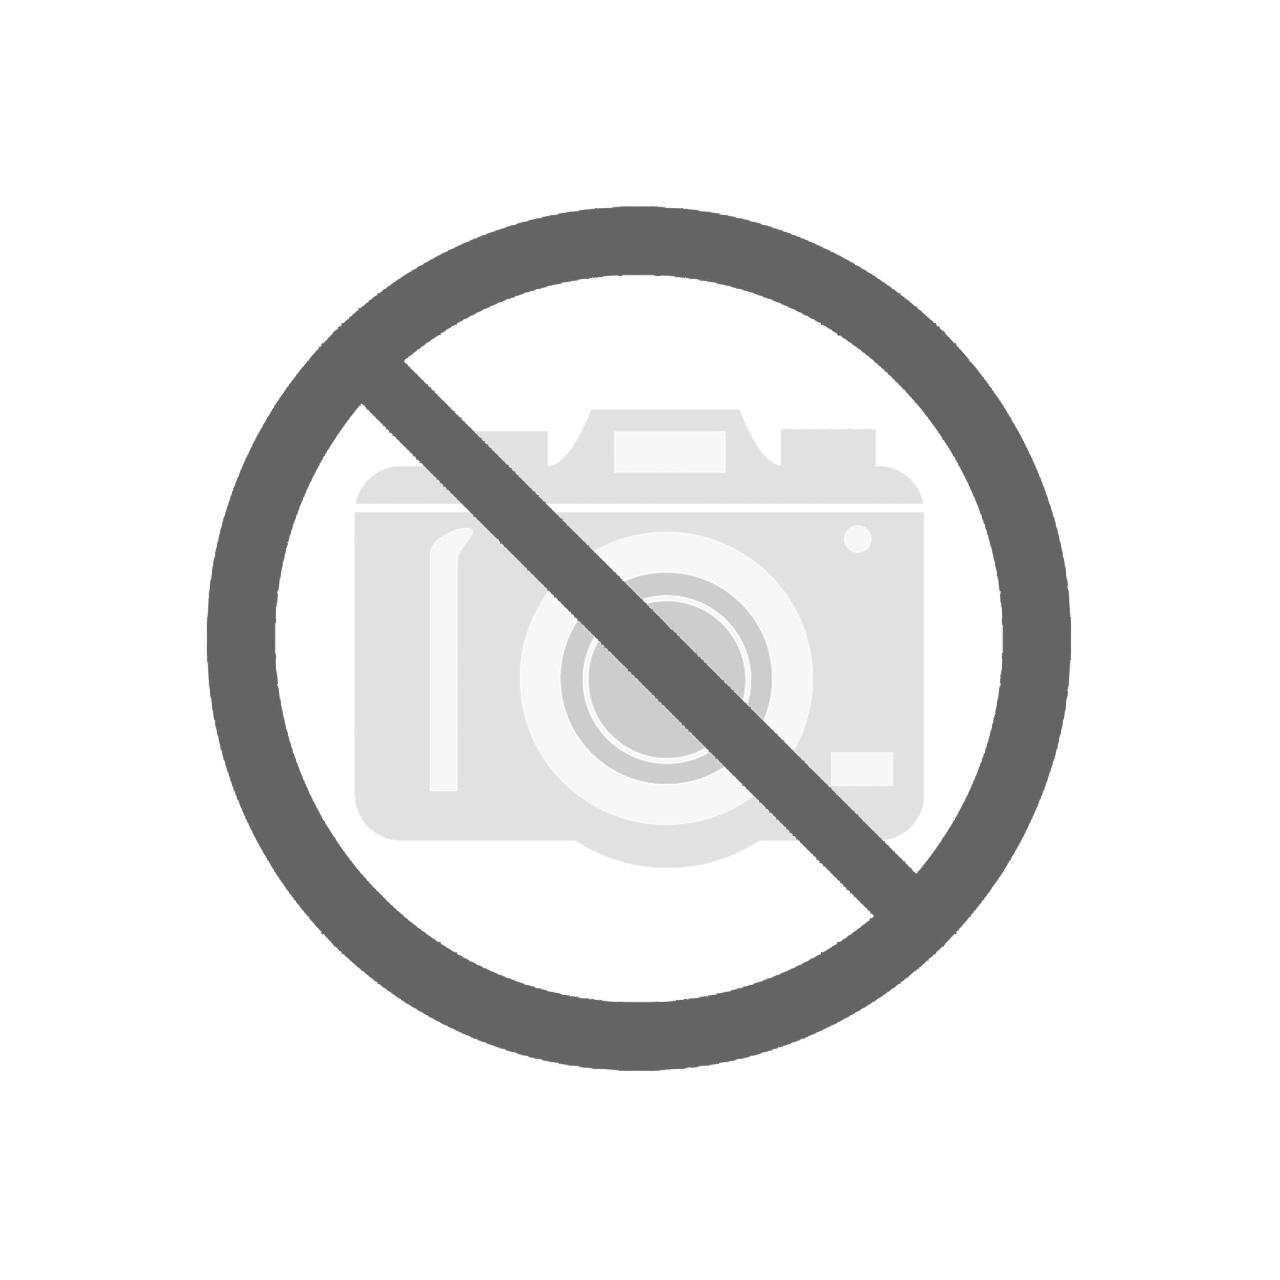 Taśma szlifierska 200 x 50000 mm - G 16 * BERNARDO